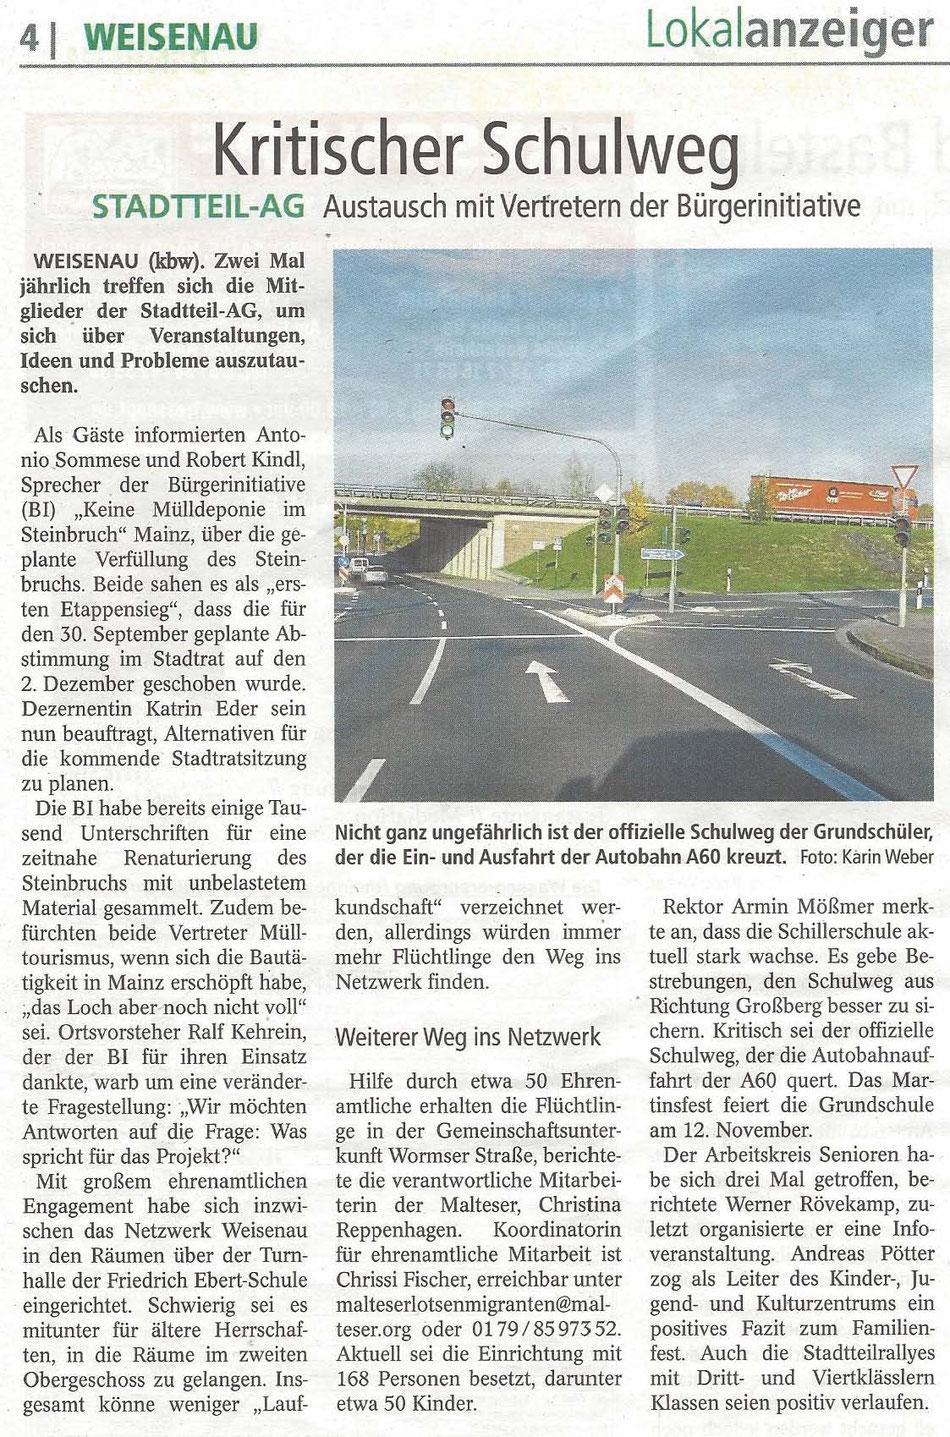 Nicht ganz ungefährlich ist der offizielle Schulweg der Grundschüler, der die Ein- und Ausfahrt der Autobahn A60 kreuzt. Foto Karin Weber